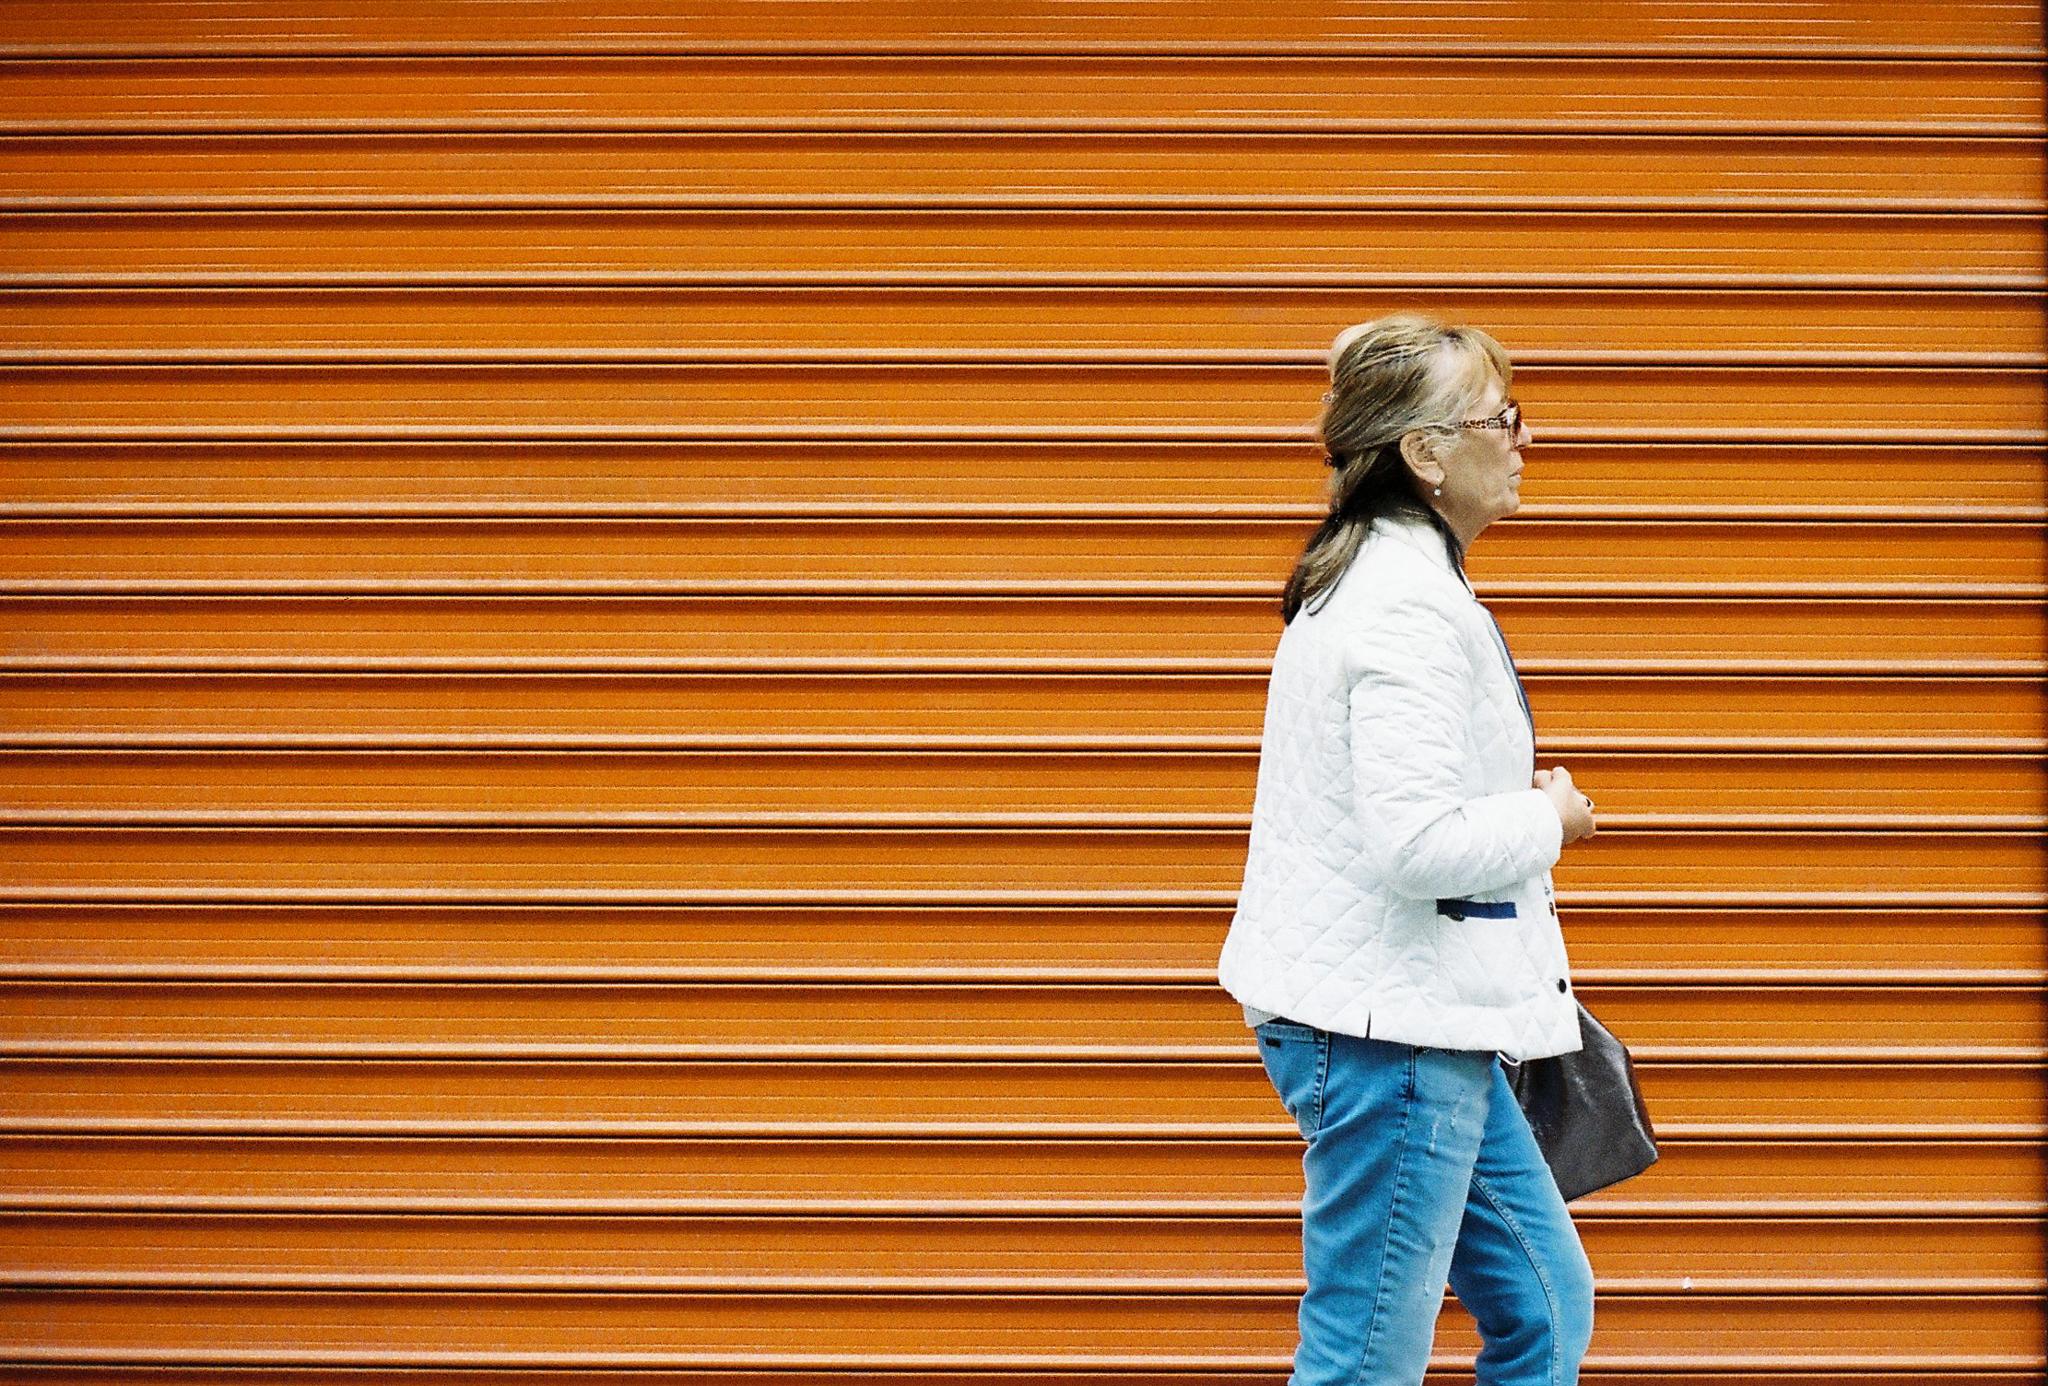 пловдив-улица-жена-оранжево